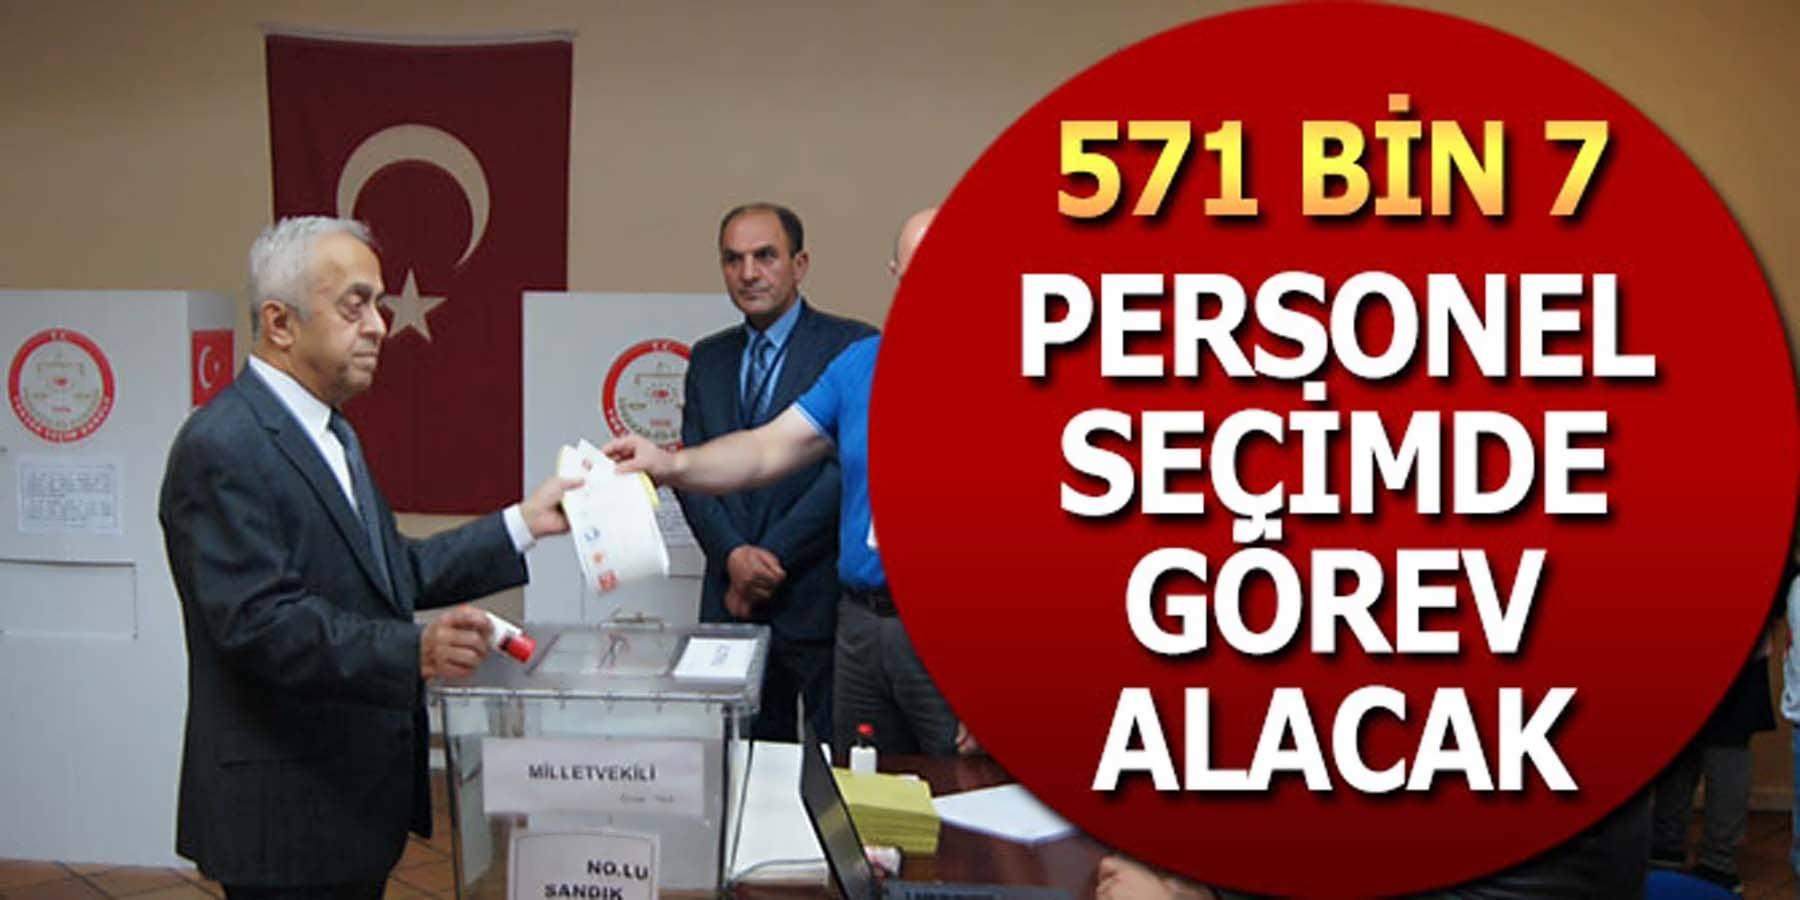 531 Bin 7 Personel Seçimde Görev Alacak